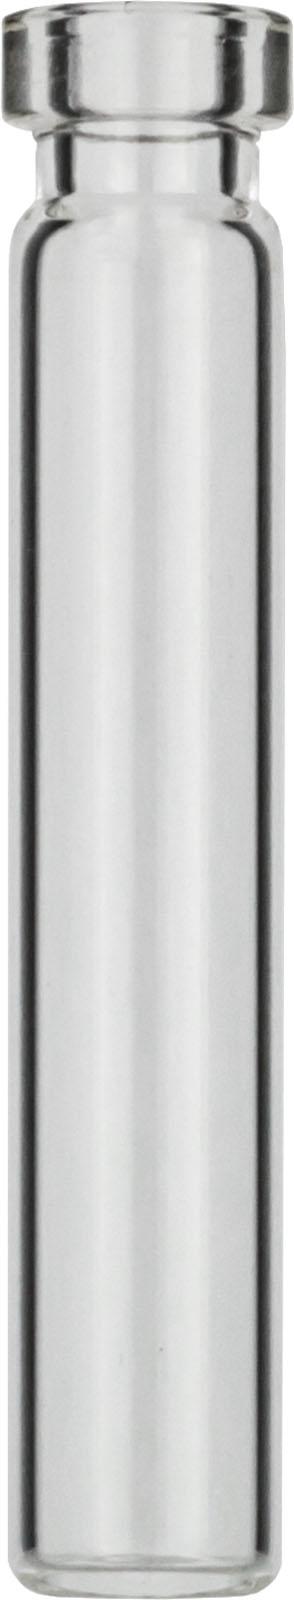 Vial N8-07, RR, k, 7x40, flach